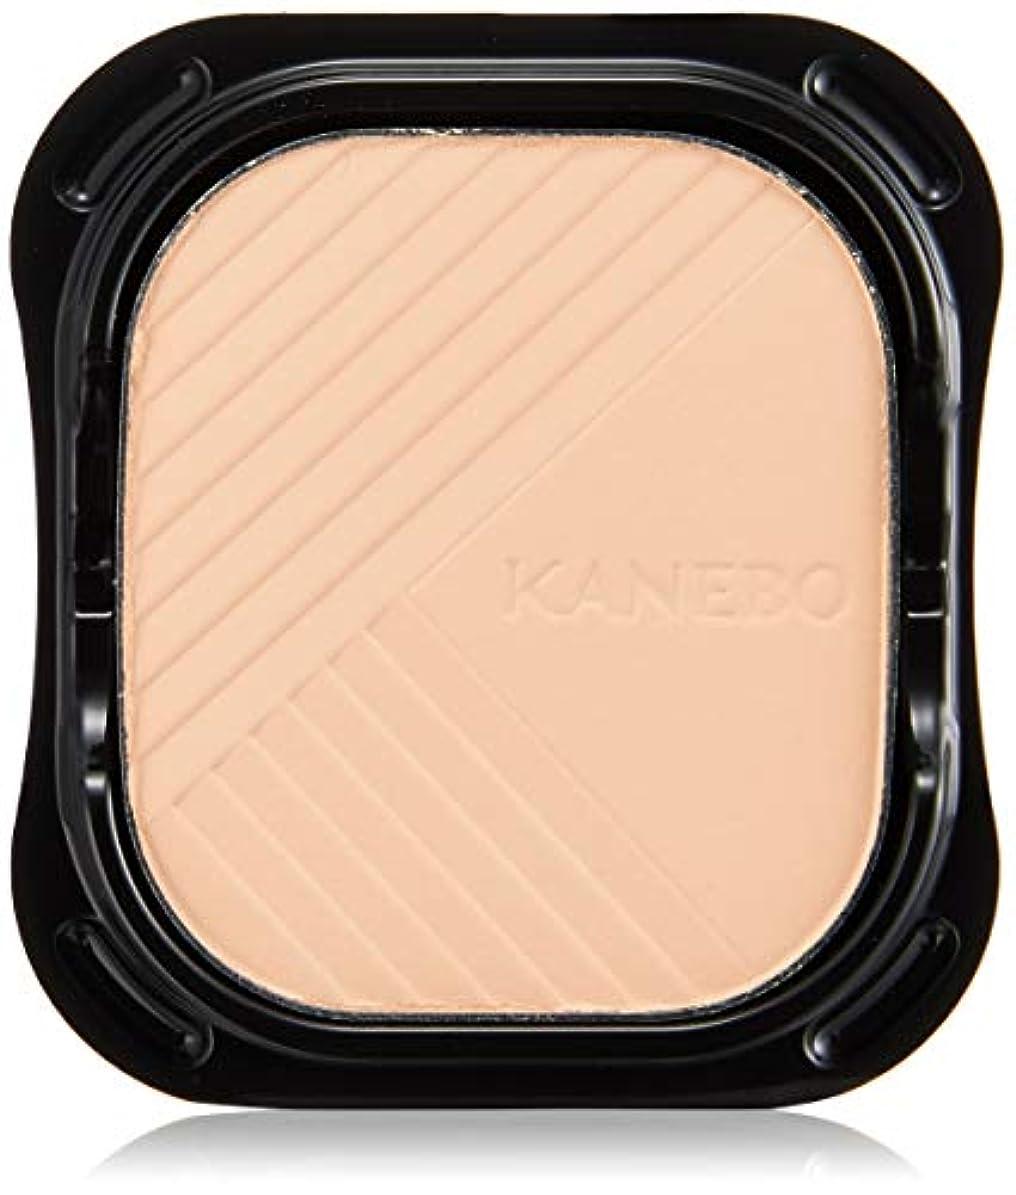 ドアミラー写真撮影理解KANEBO(カネボウ) カネボウ ラスターパウダーファンデーション ピンクオークルC SPF6/PA++ ファンデーション(パクト)